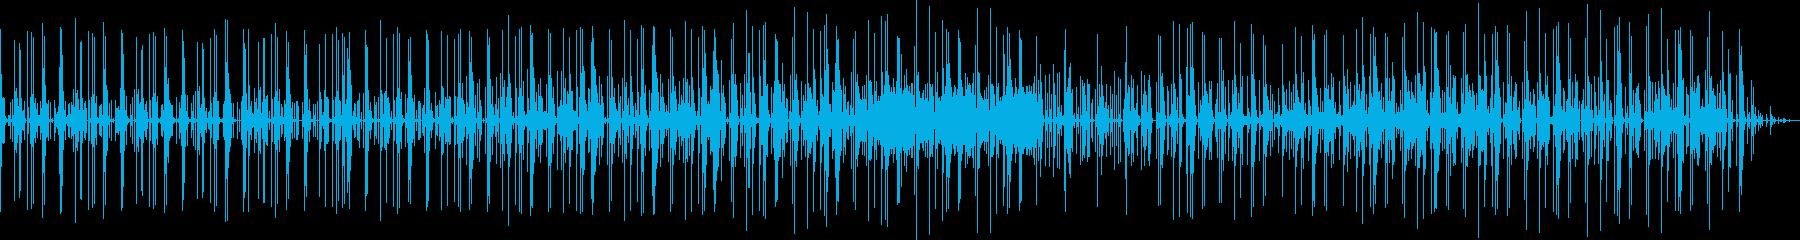 変なbeatsの再生済みの波形